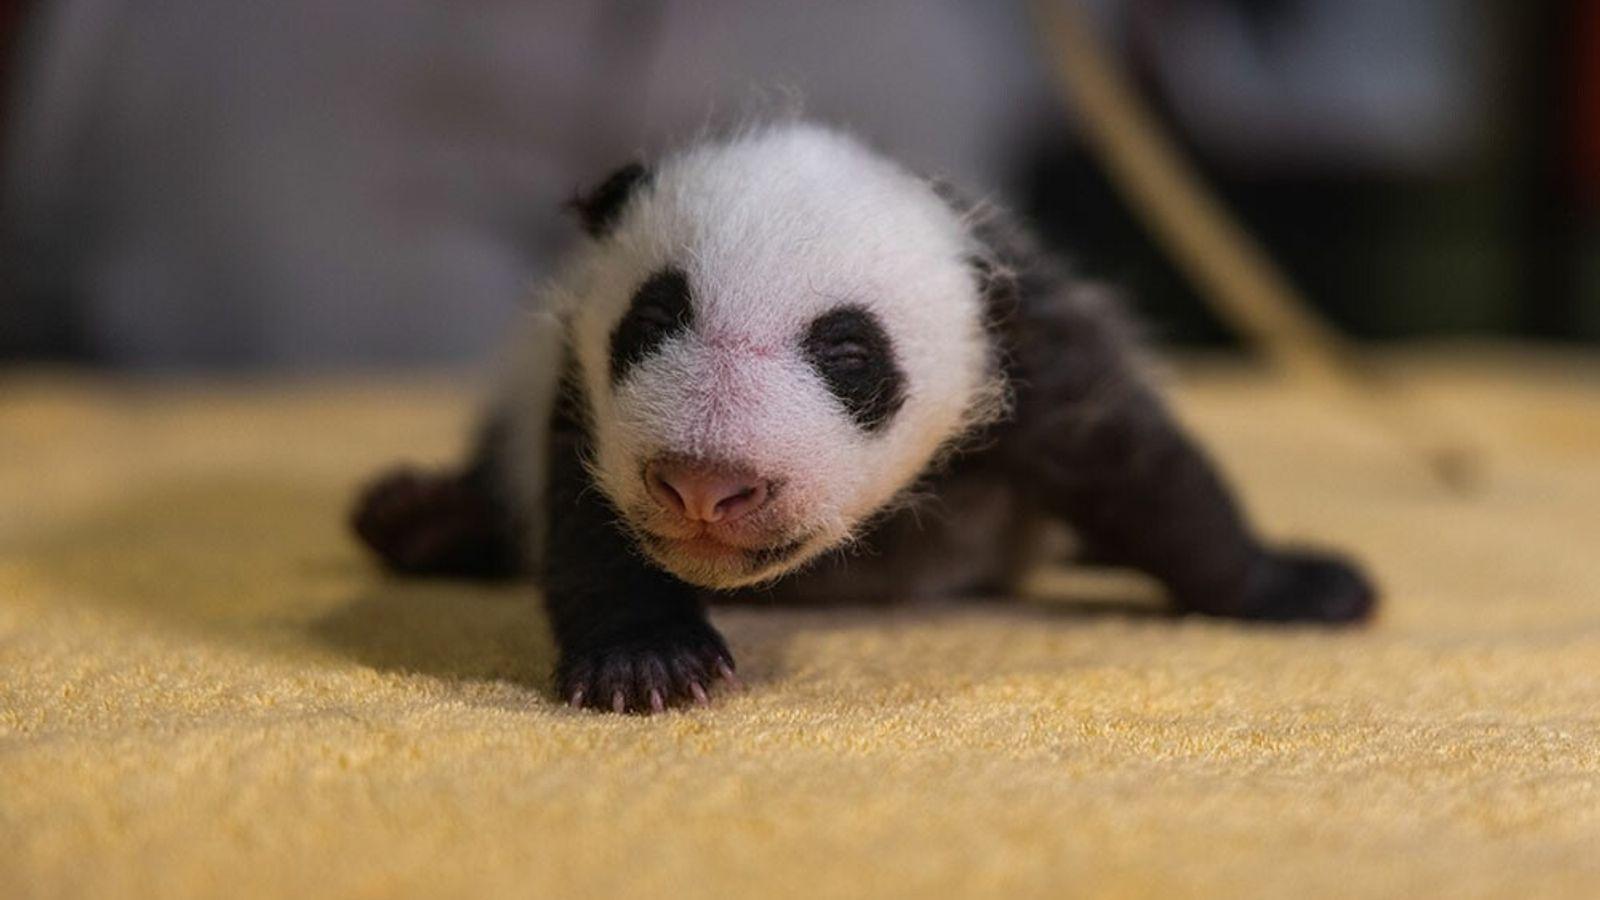 Los pandas nacen sin sus distintivas marcas blancas y negras, pero enseguida las desarrollan, como vemos ...